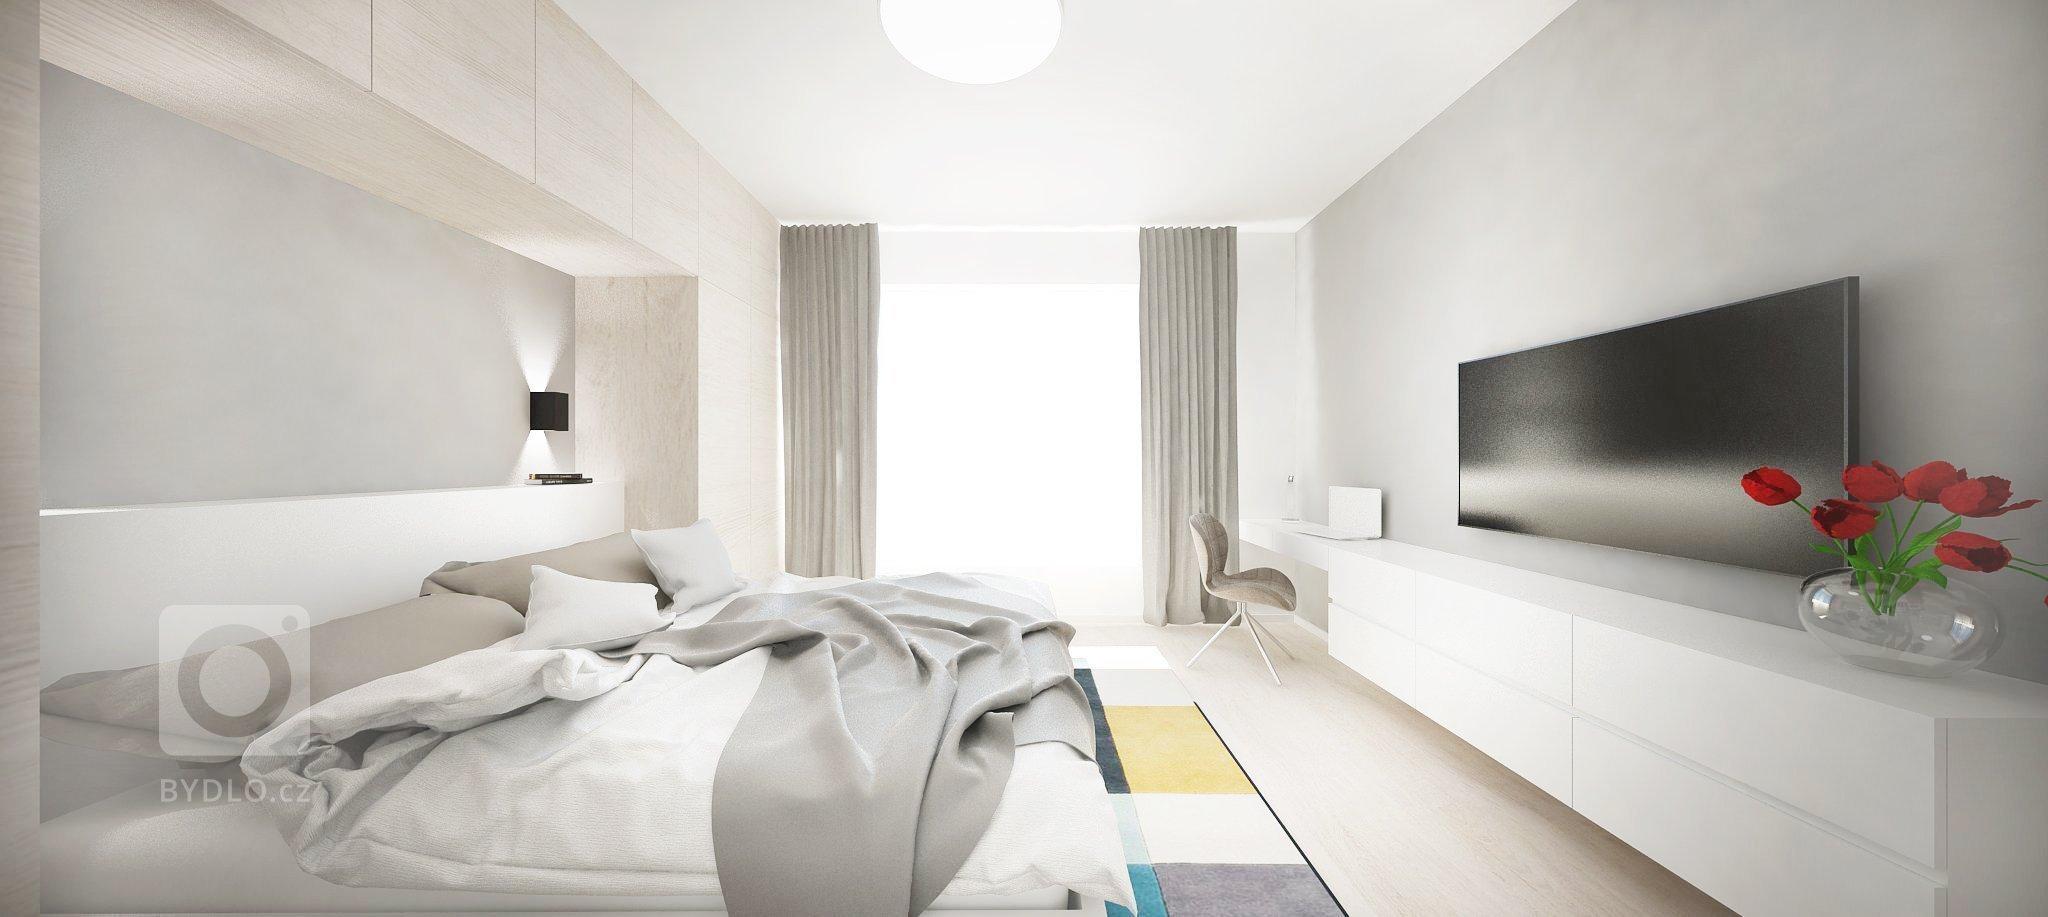 Byt v Petržalke je interiér o hľadaní kompromisov. Výsledkom je svieži a funkčný byt na mieru.